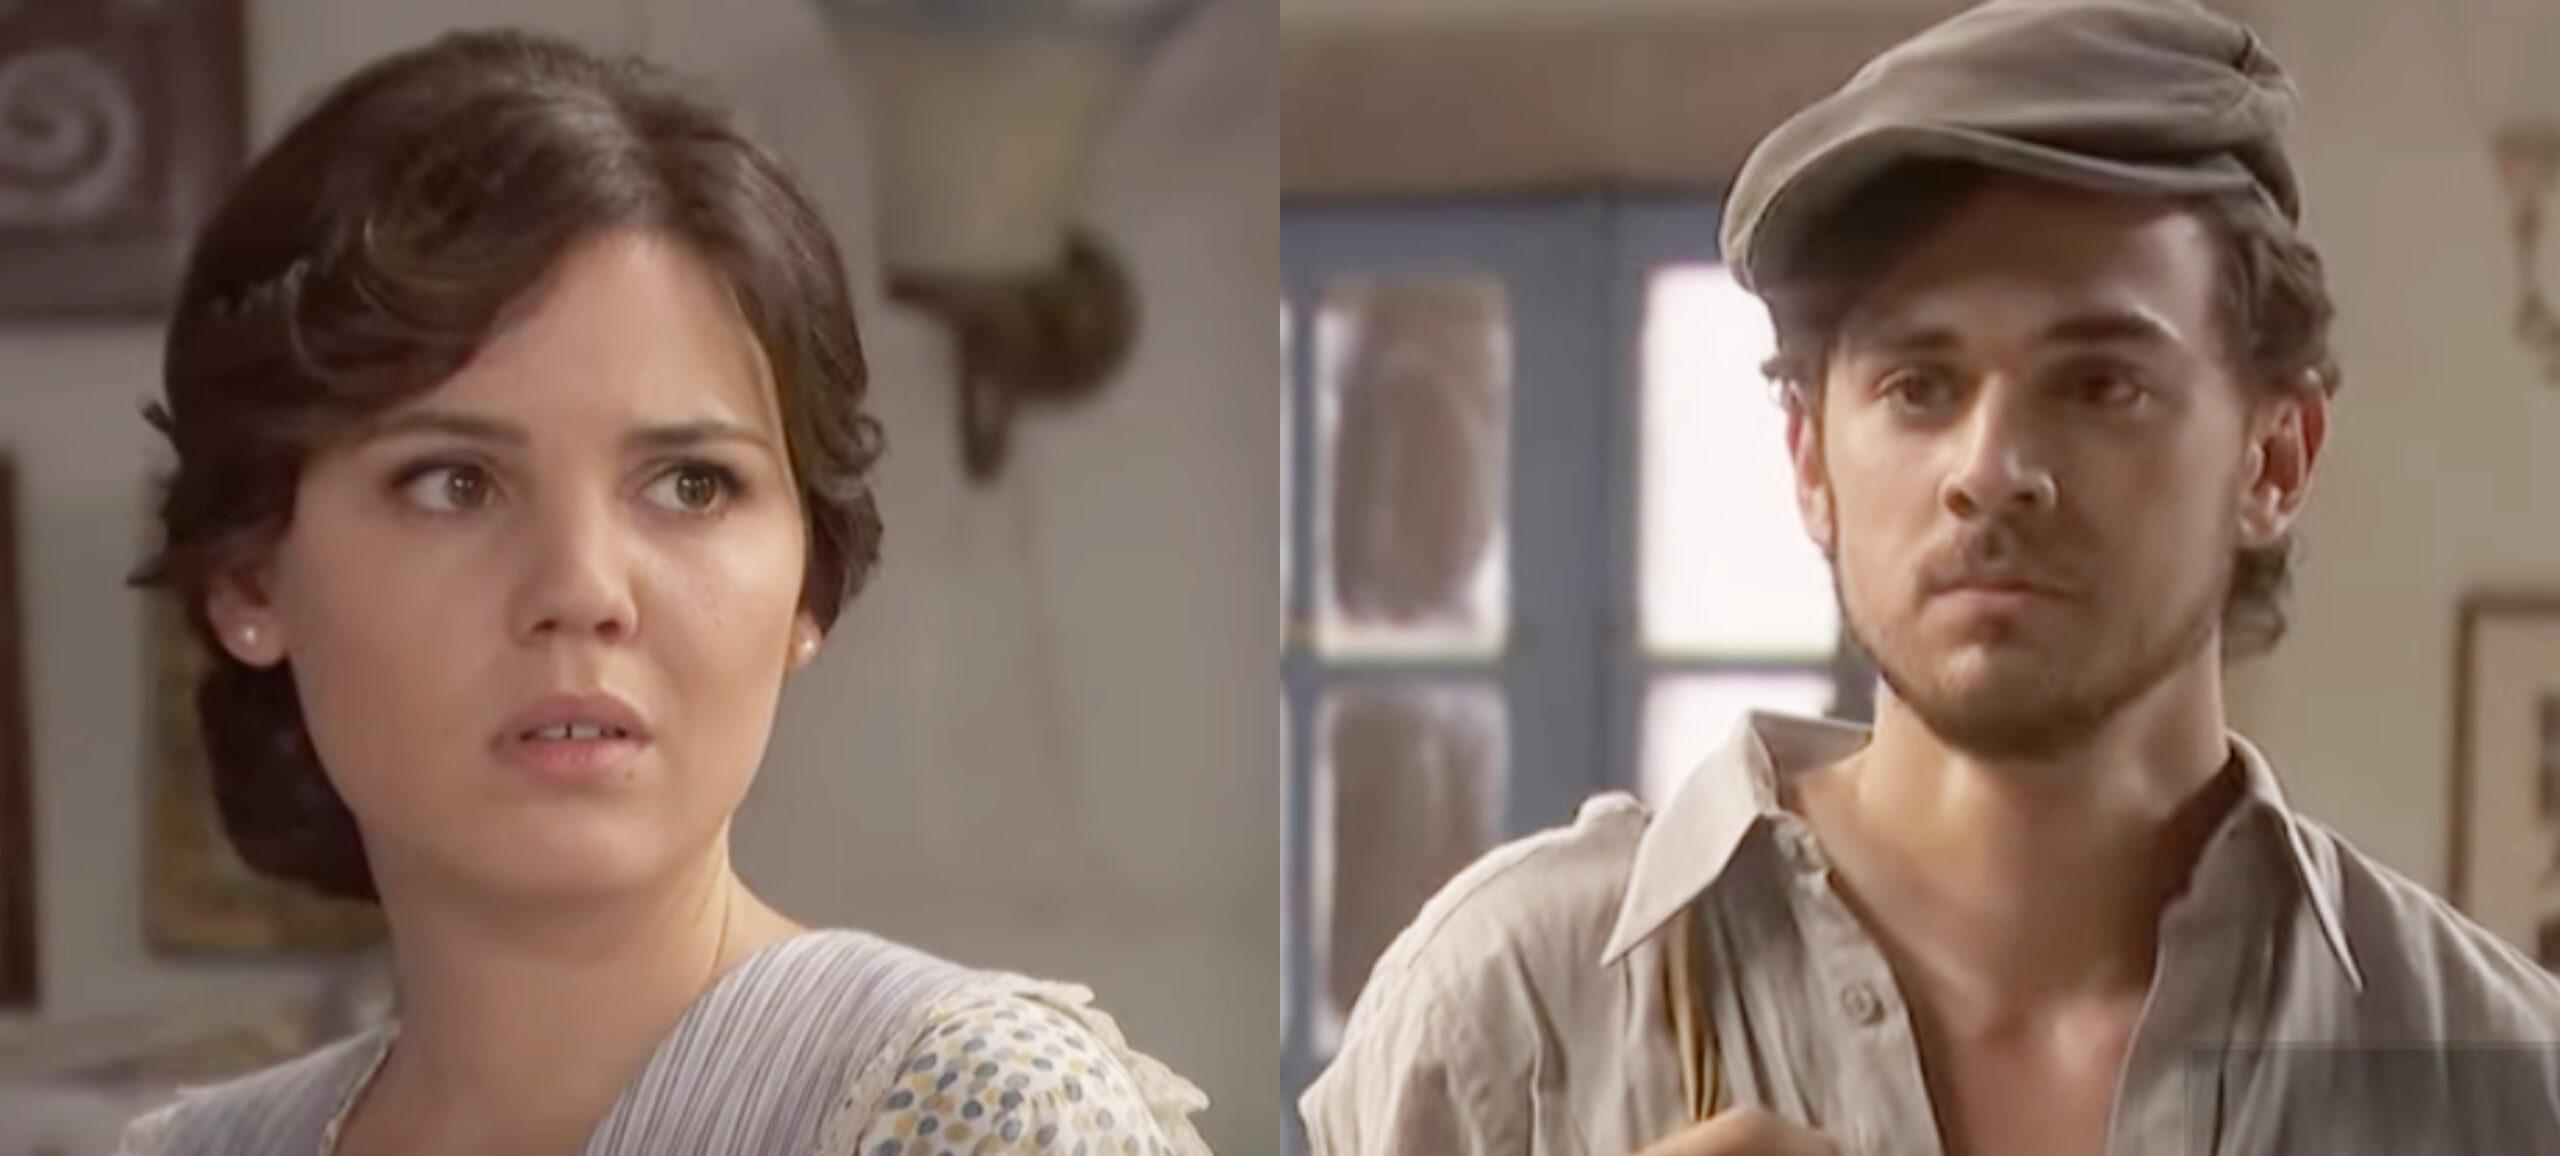 Il Segreto - Matias chiede perdono a Marcela